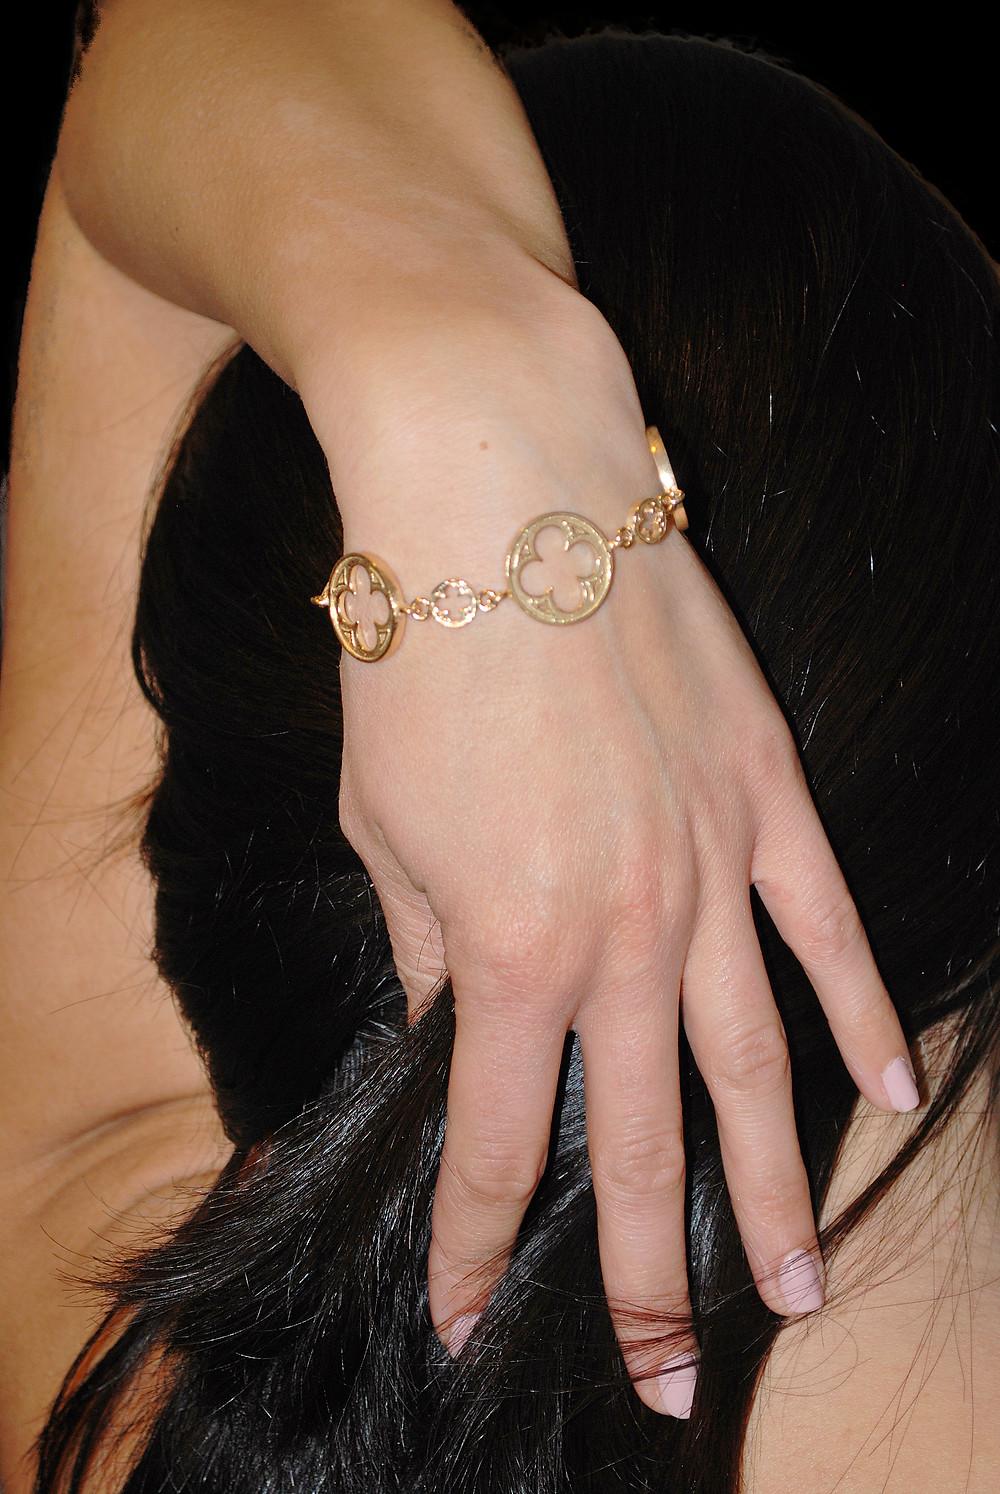 Bracciale con rosone gotico fiorito Veneziano in argento 925 dorato